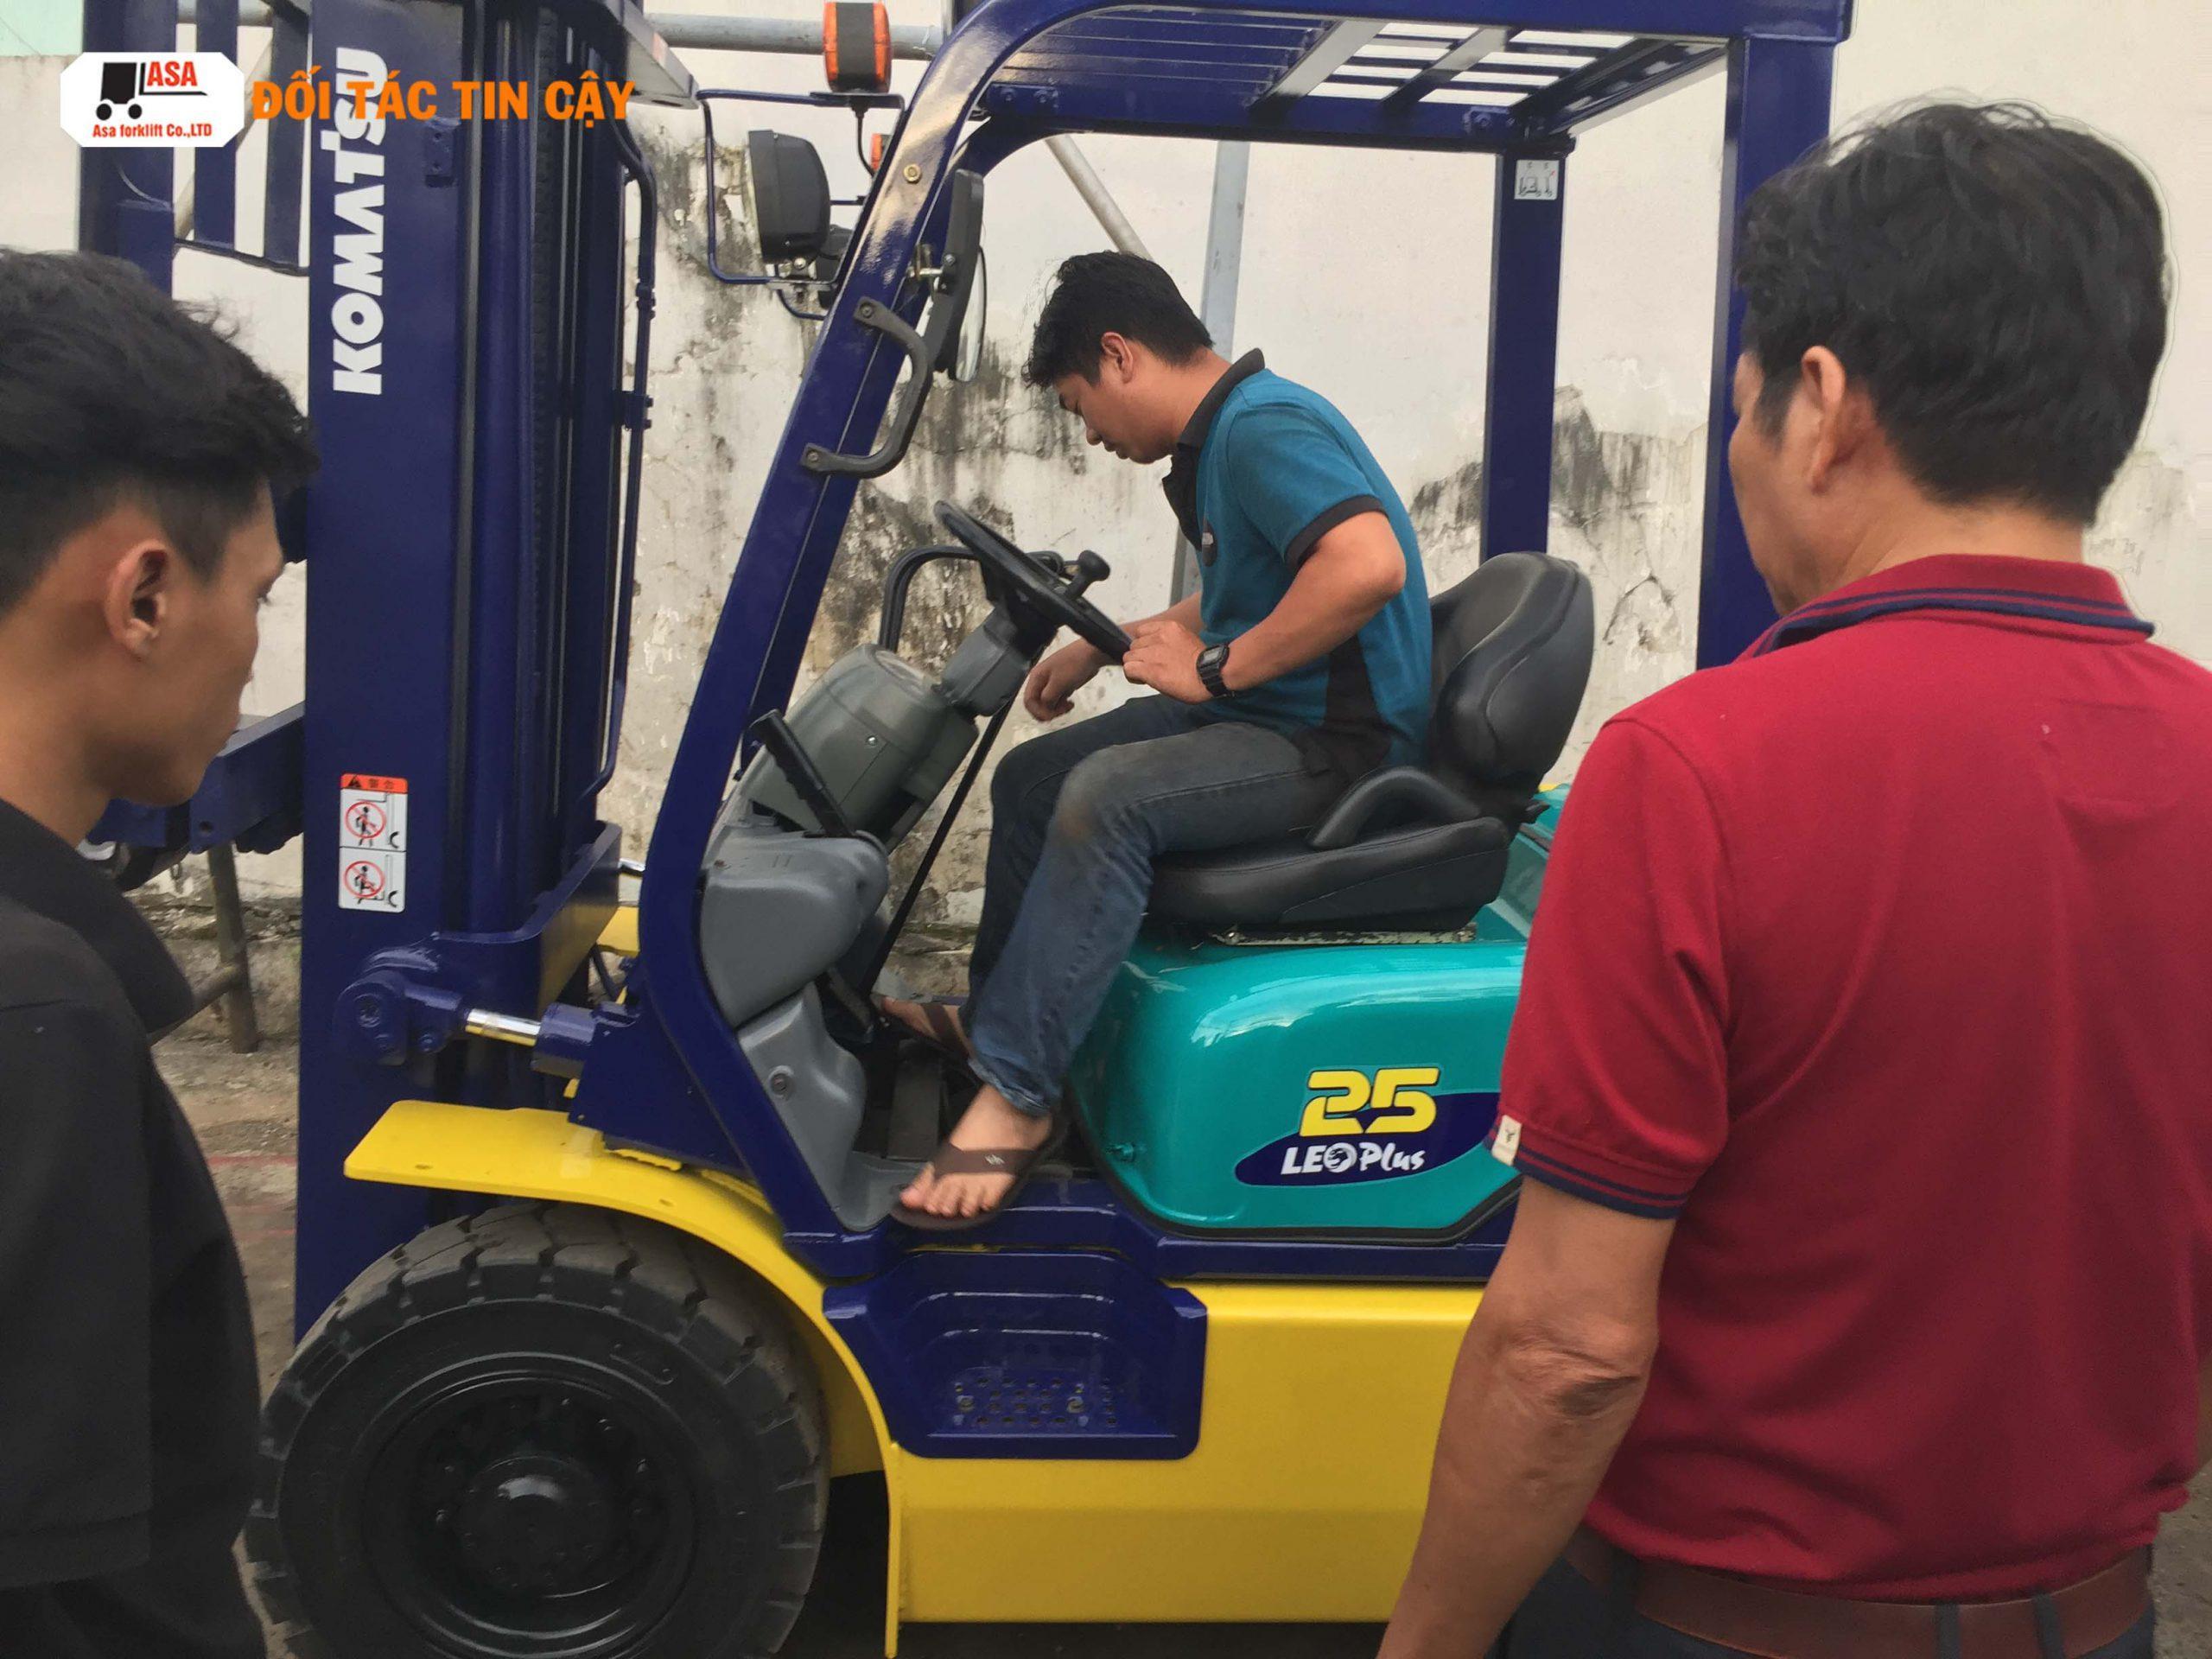 Chuyên nhận sửa chữa xe nâng các khu công nghiệp tại Bình Dương